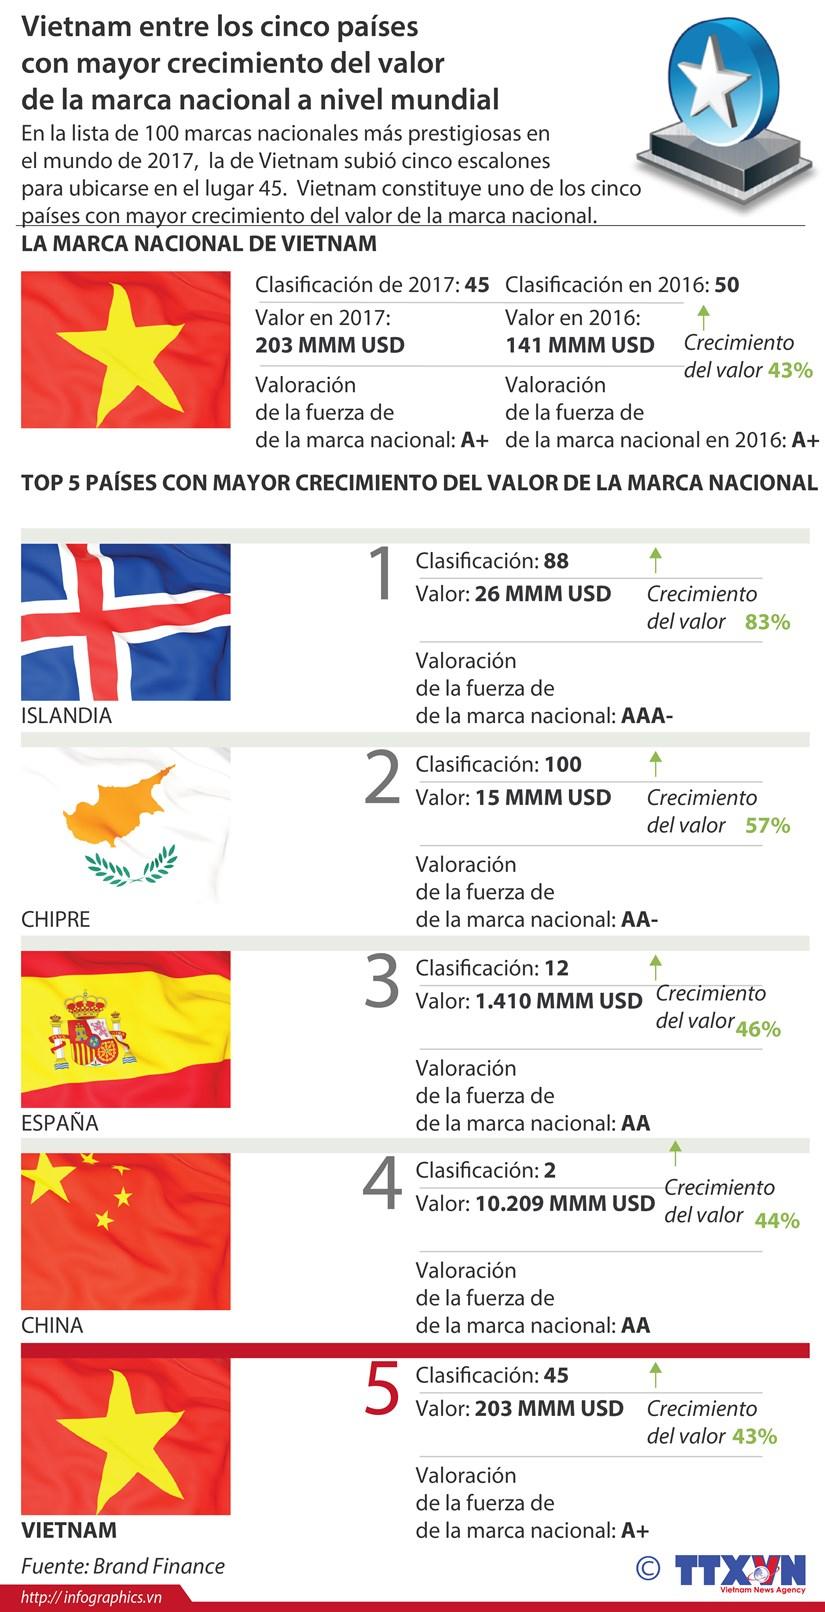 [Infografia] Vietnam entre los cinco paises con mayor crecimiento del valor de la marca nacional a nivel mundial hinh anh 1